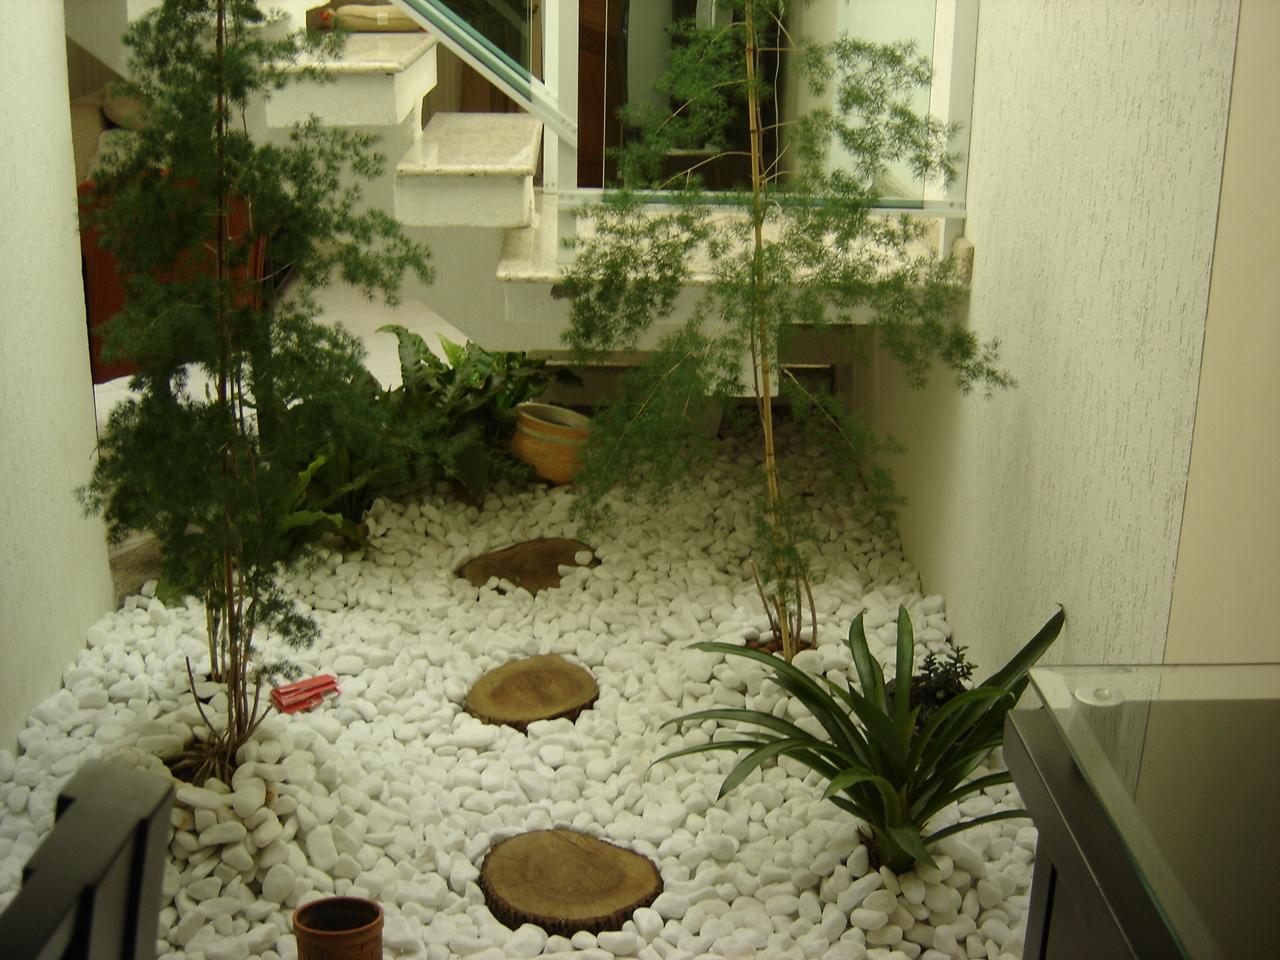 Fotos de Jardim de Inverno Pequeno #5F4D24 1280 960